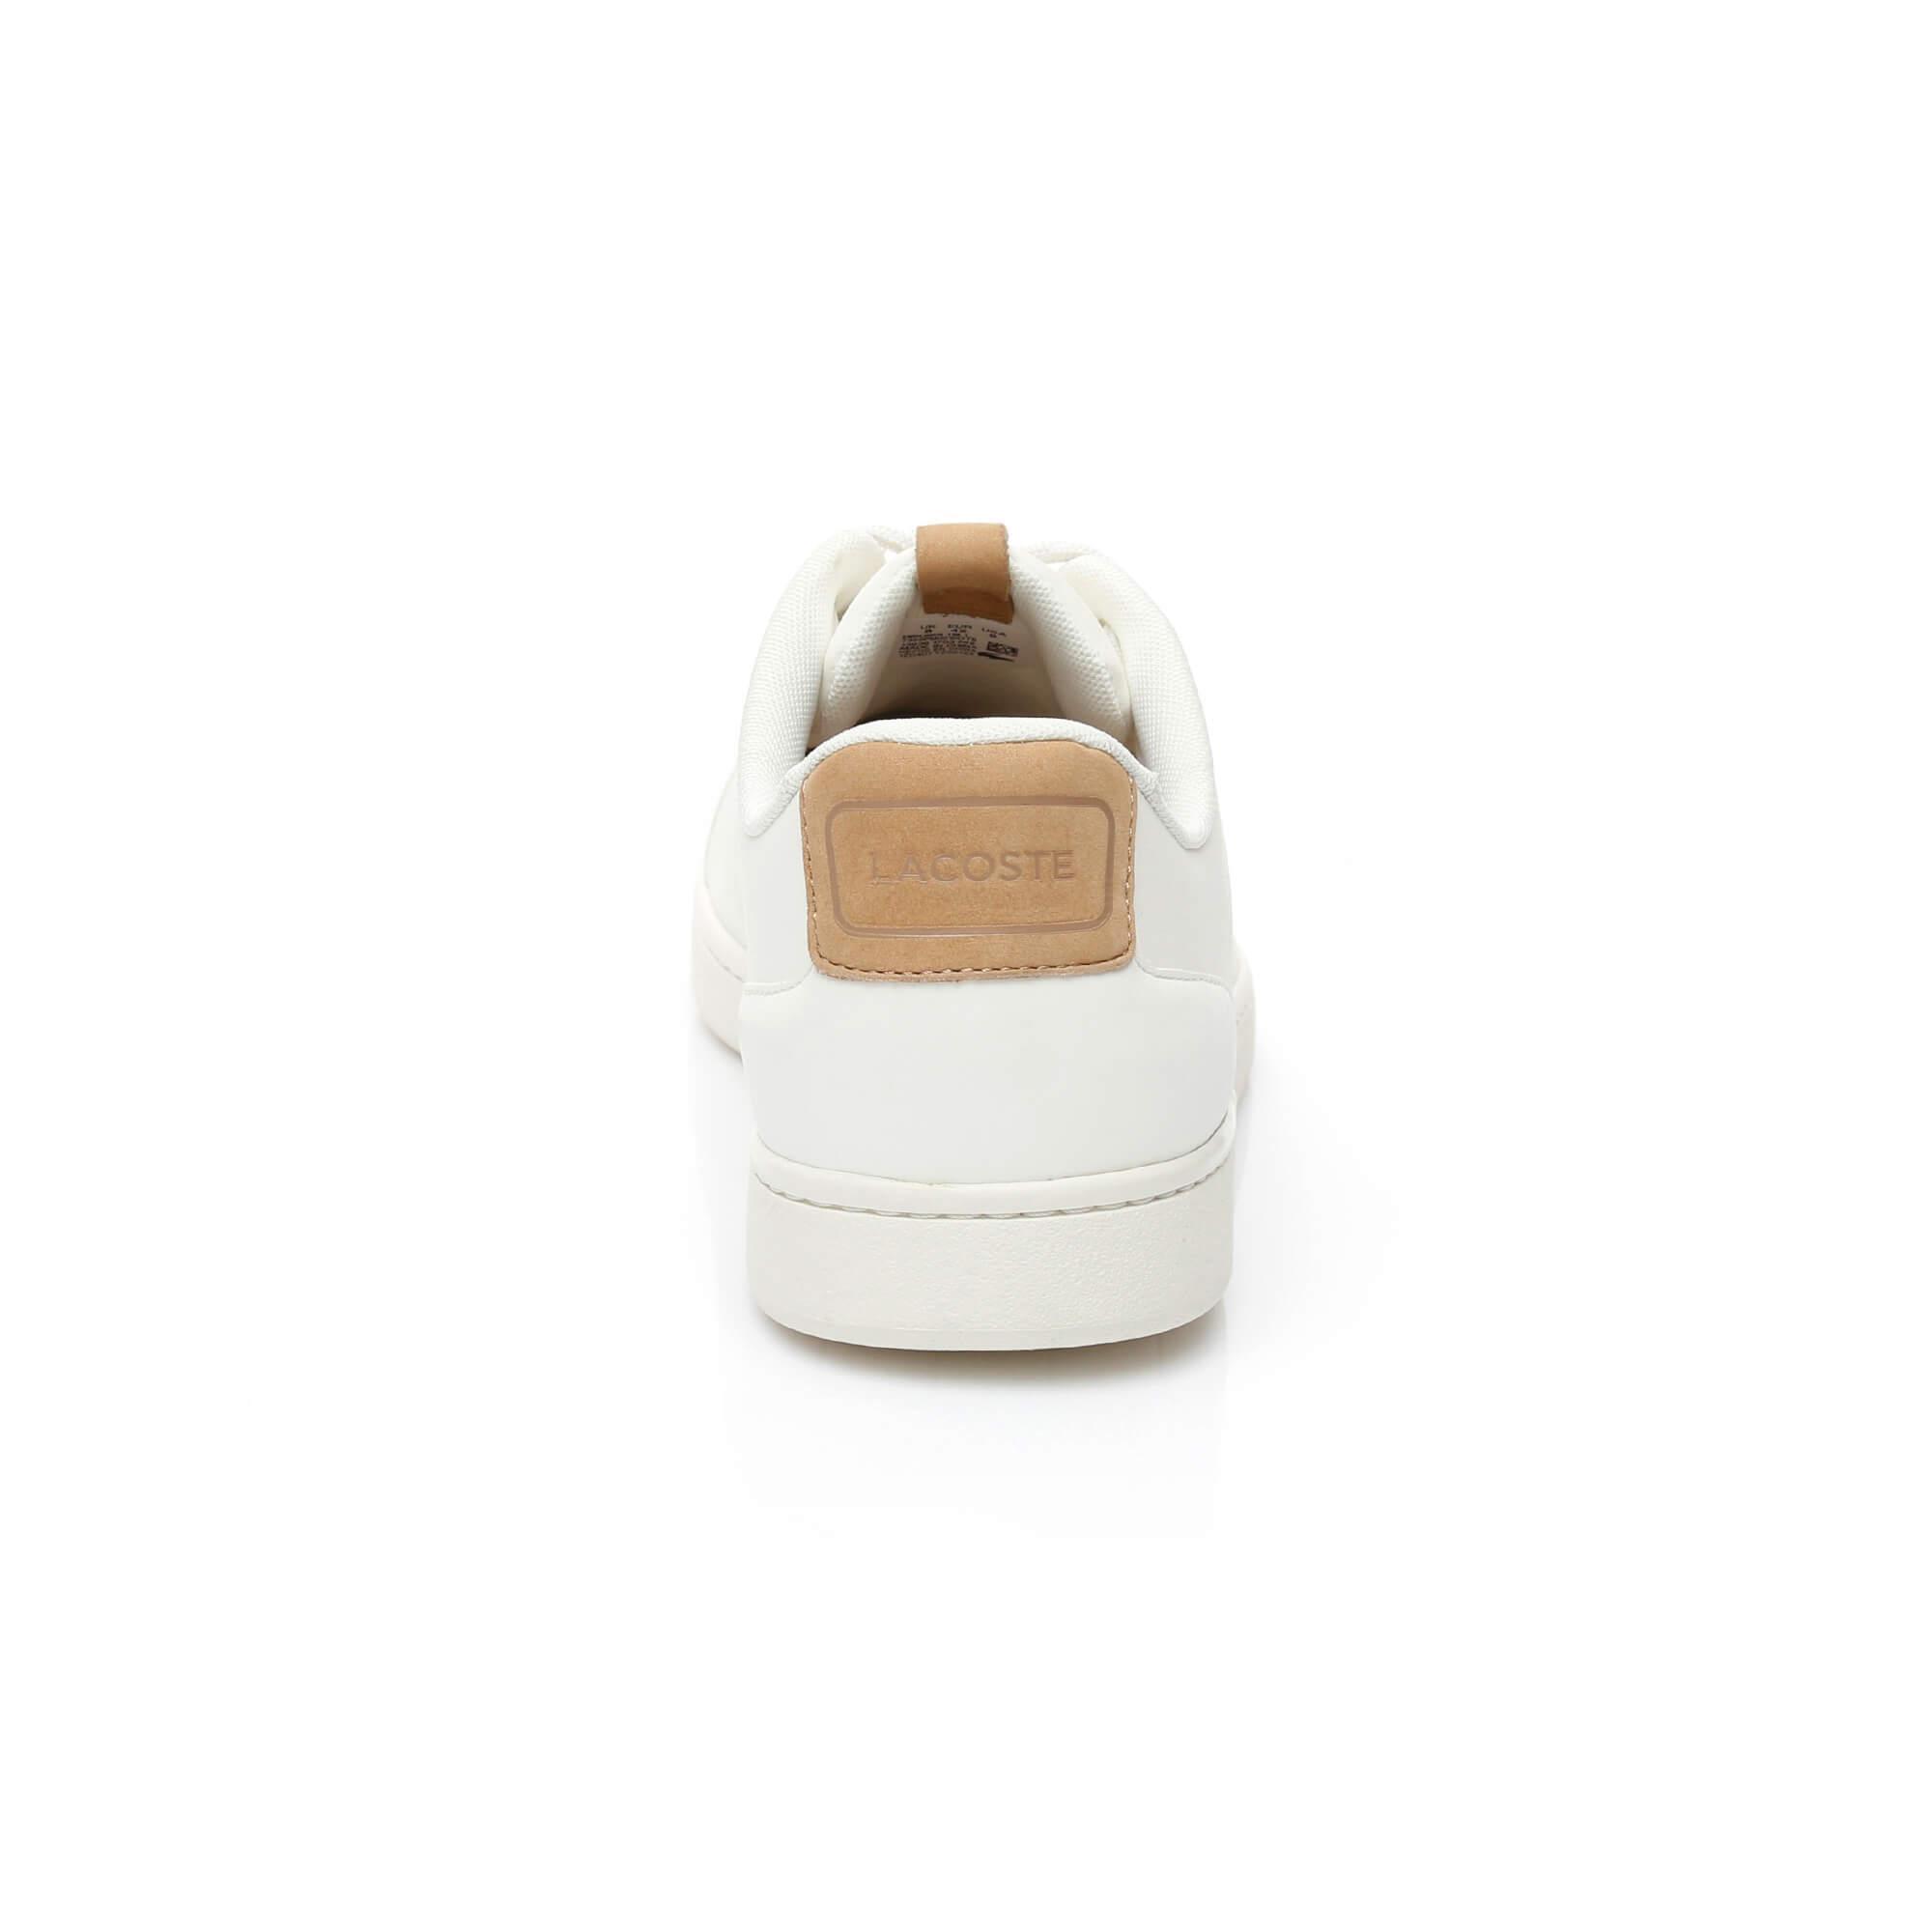 Lacoste Endliner Erkek Sneaker